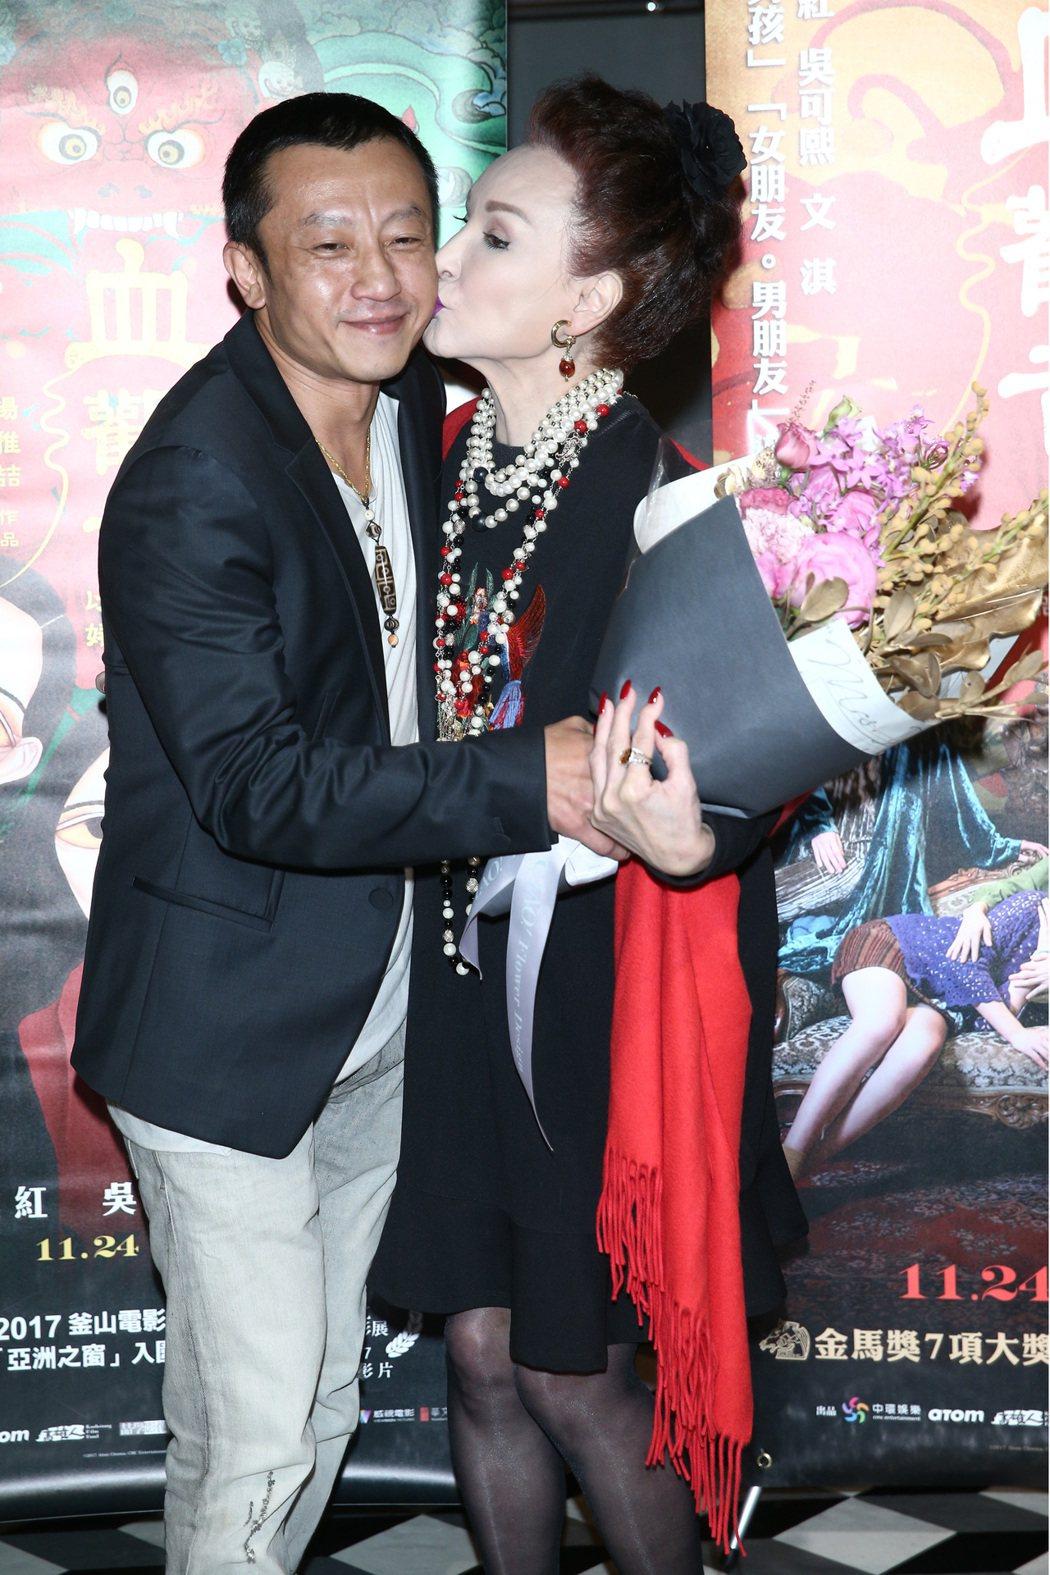 陳莎莉(右)與「血觀音」導演楊雅(吉吉)(左)。記者蘇健忠/攝影